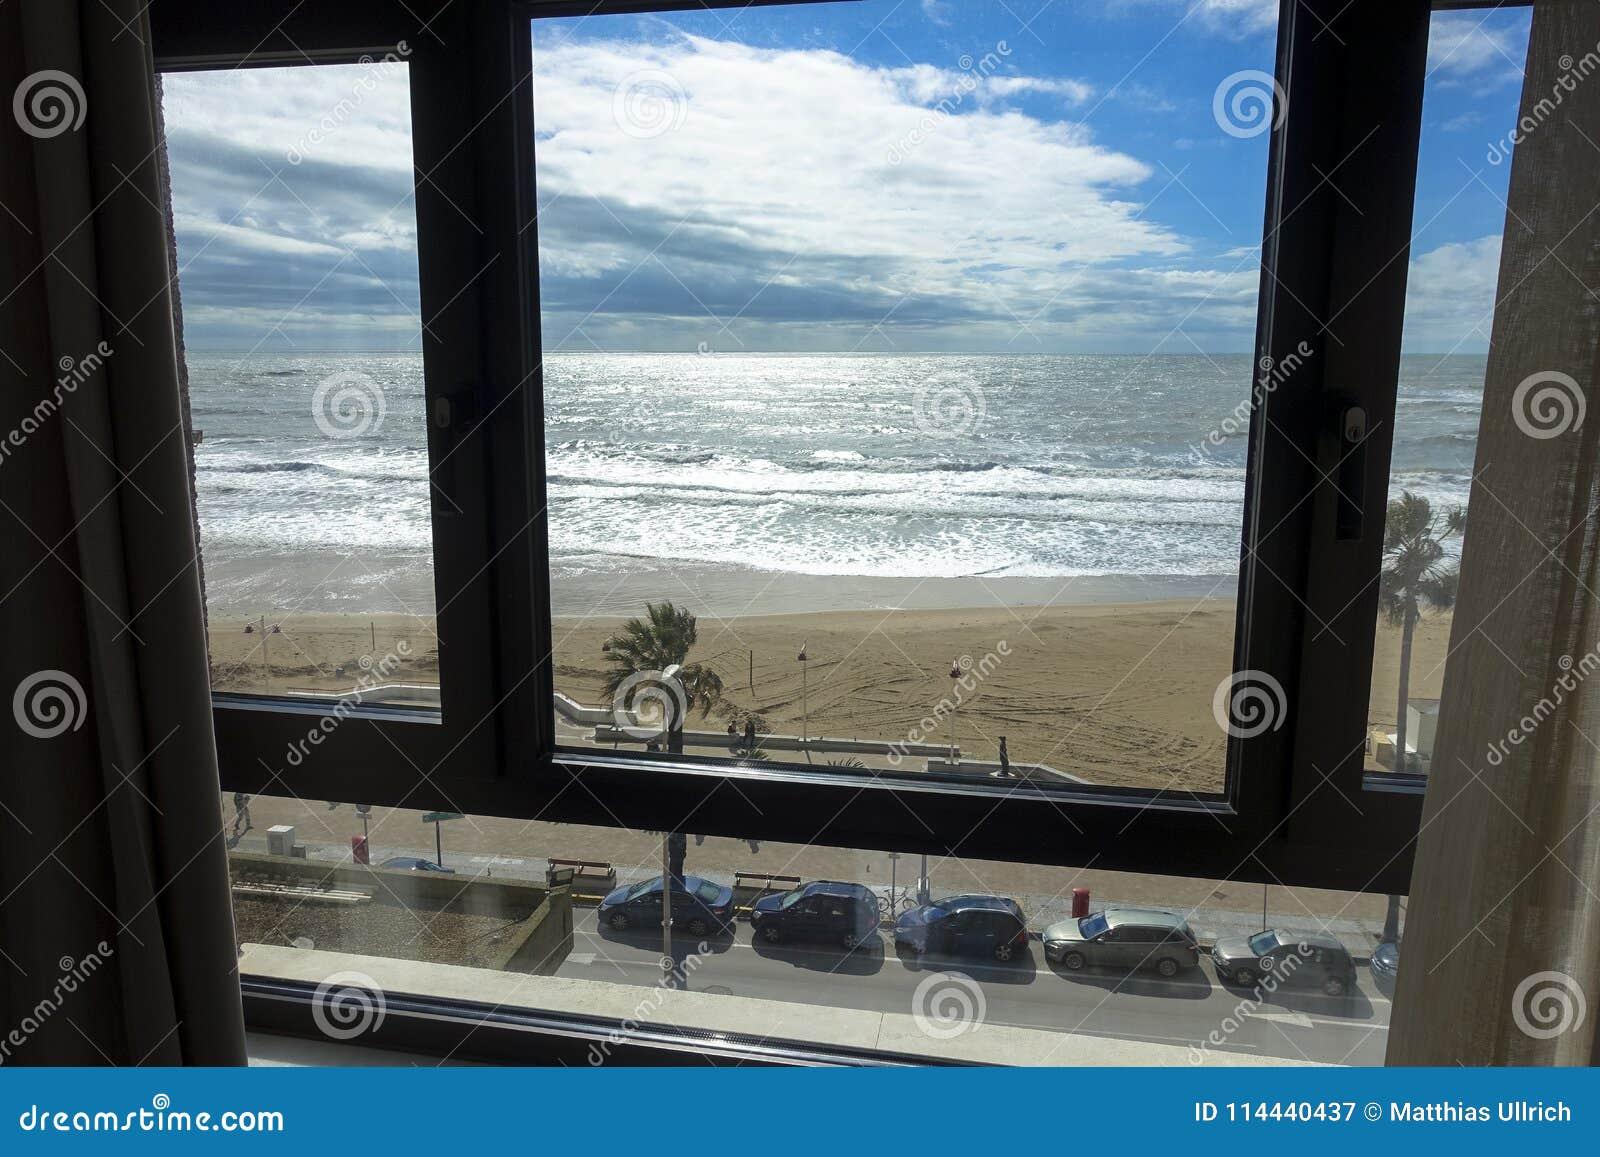 卡迪士海滩和海的旅馆客房窗口的看法在安大路西亚在西班牙